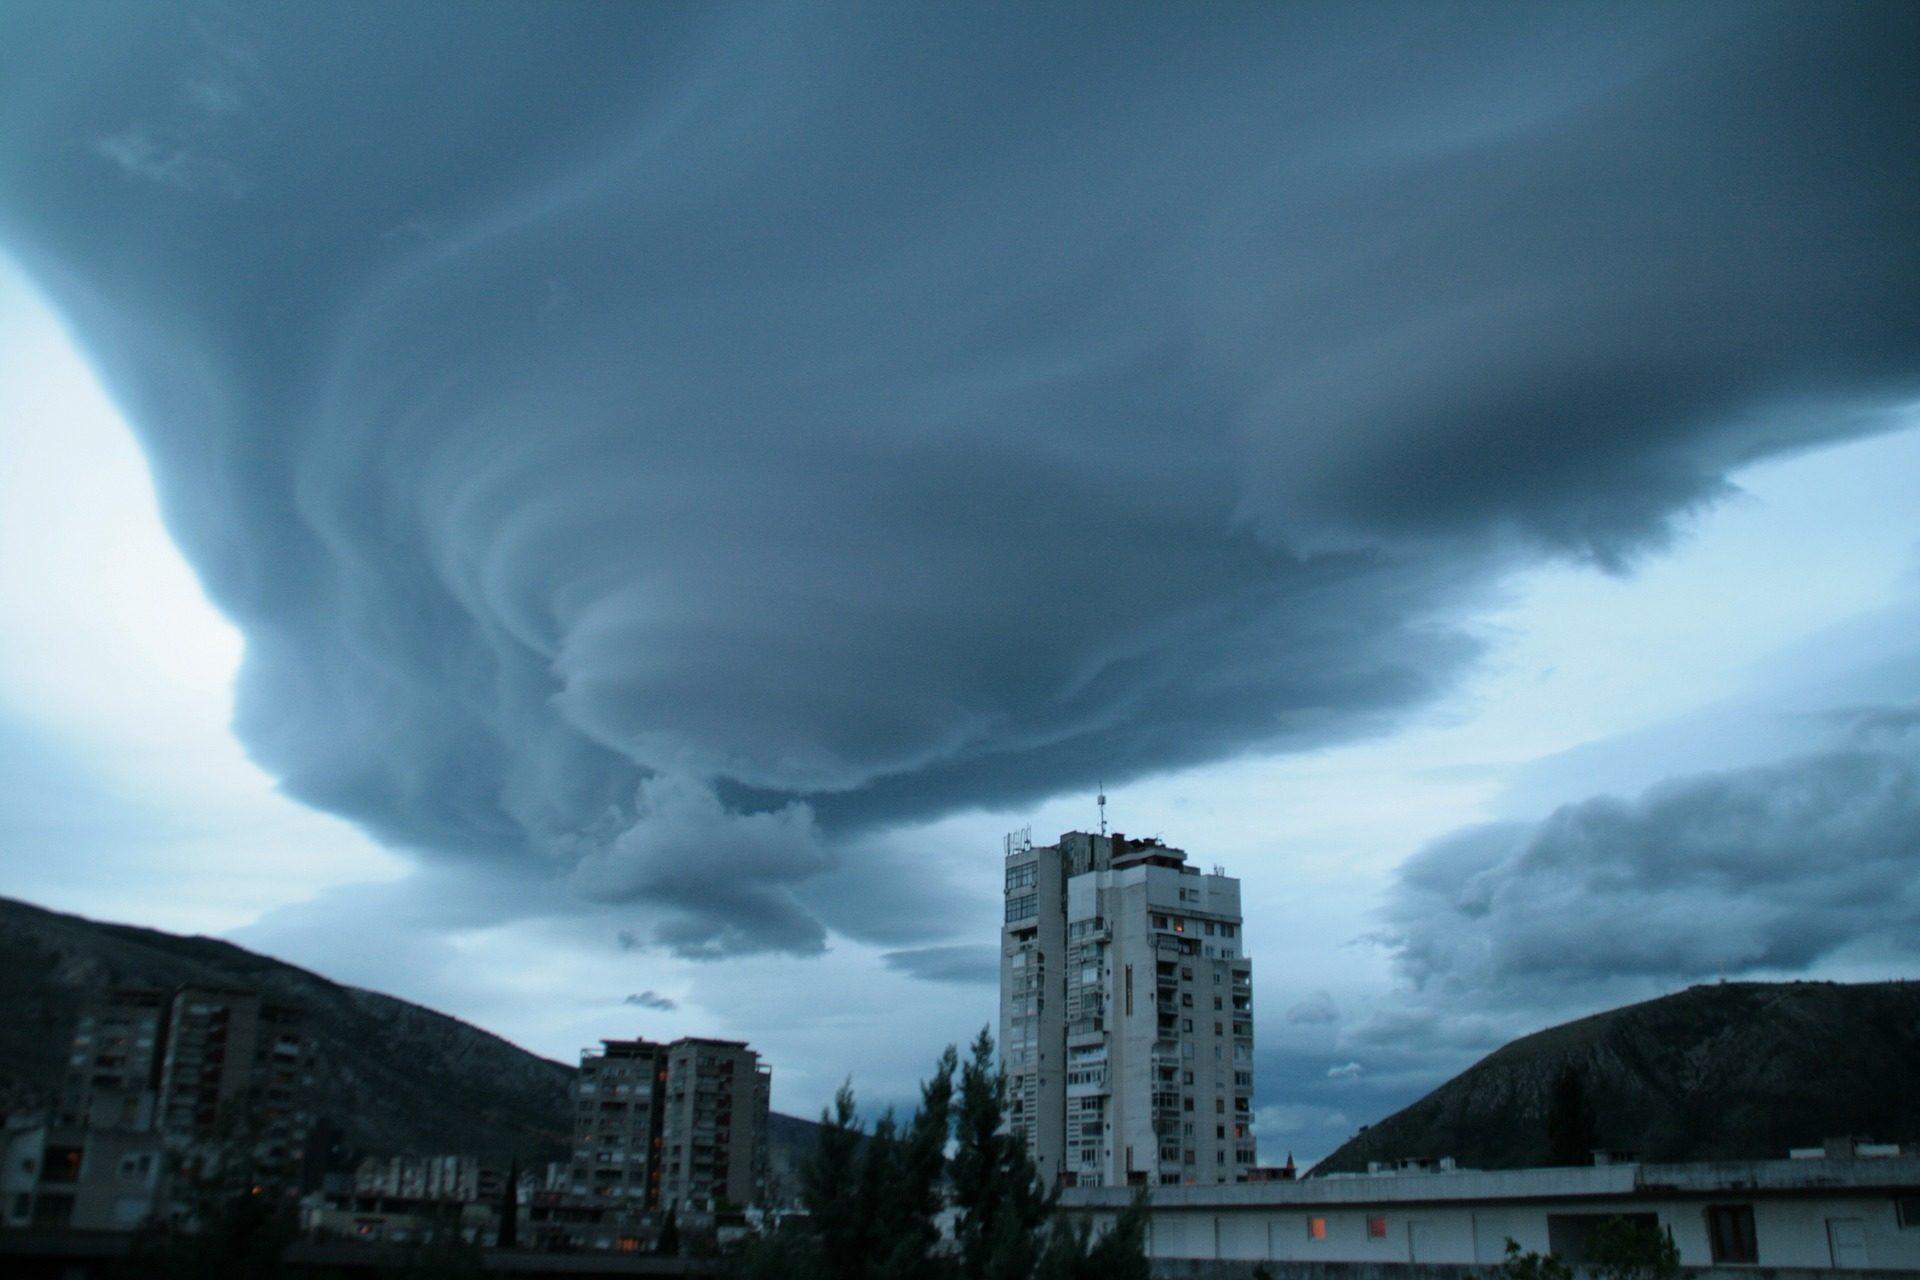 ciudad, edificio, tormenta, nubes, vórtice, peligro, remolino - Fondos de Pantalla HD - professor-falken.com